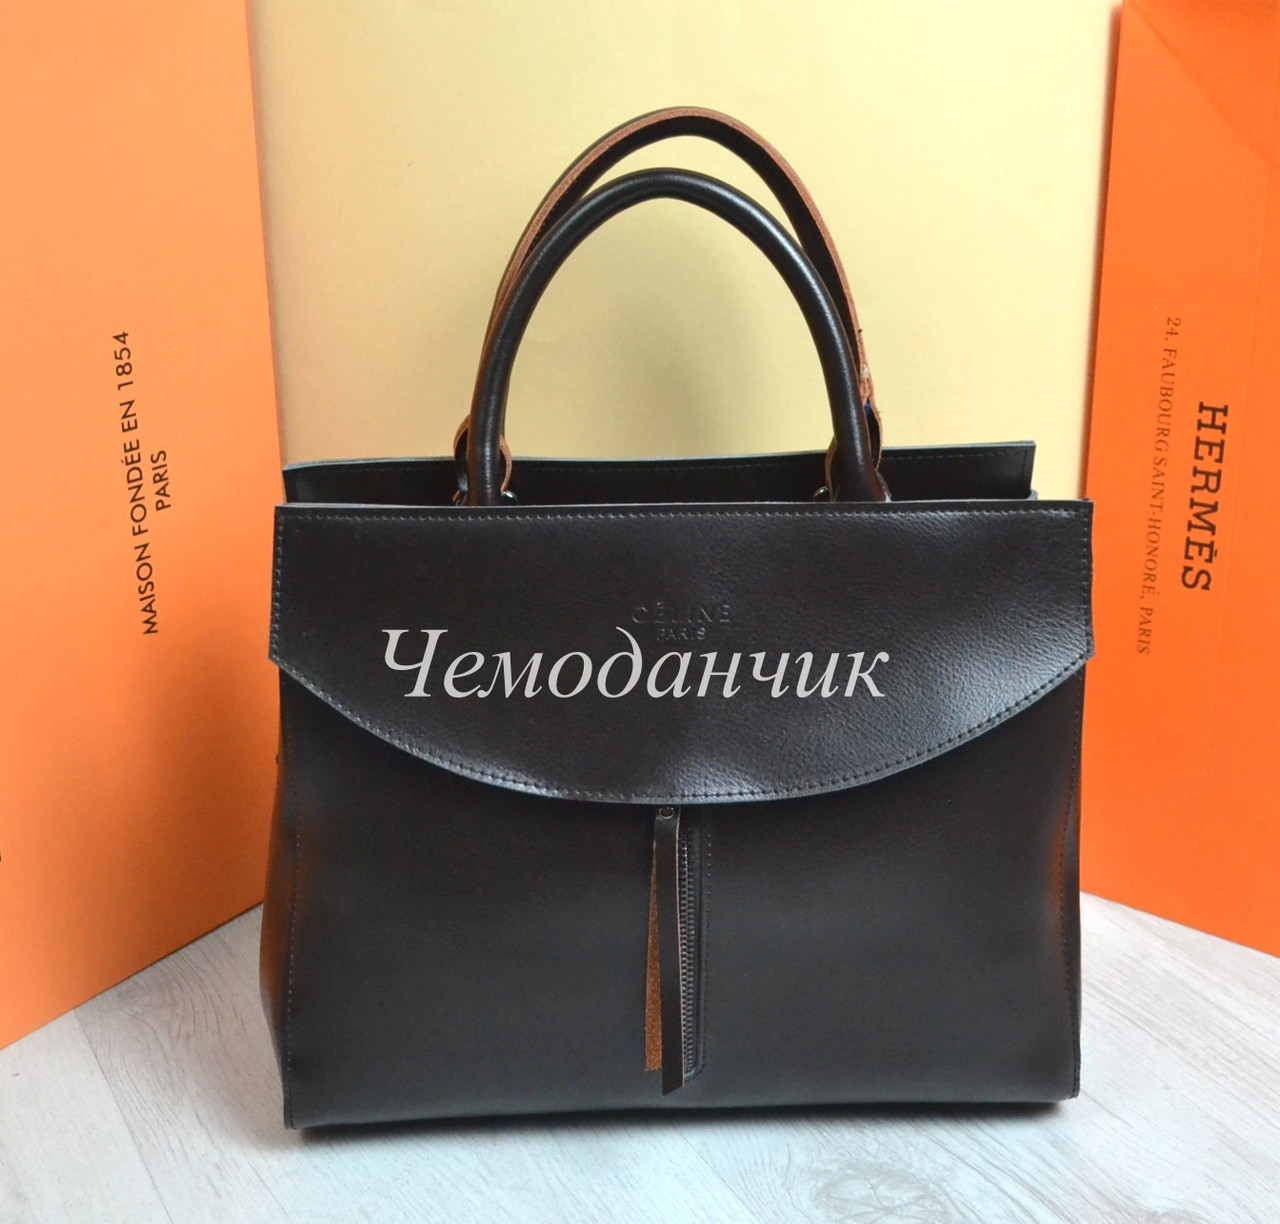 613479828202 КОЖАНАЯ СУМКА CELINE Селин кофе - ЧЕМОДАНЧИК - самые красивые сумочки по  самой приятной цене!